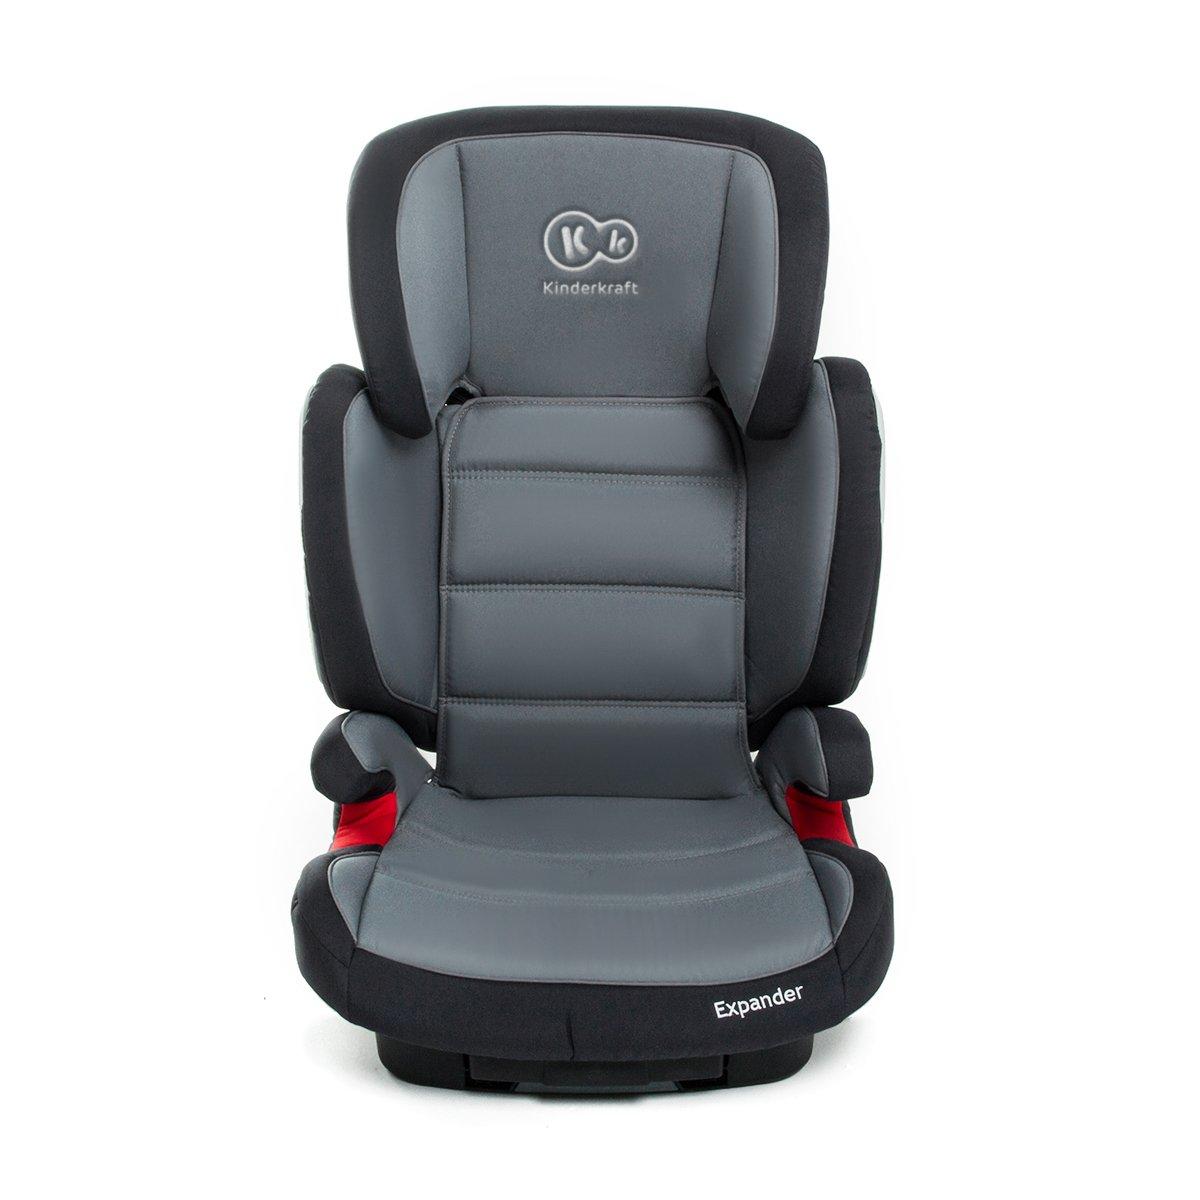 Kinderkraft Expander Kinderautositz Autokindersitz Kindersitz mit Isofix 15 bis 36 kg Gruppe 2 3 Grau 5902021216666